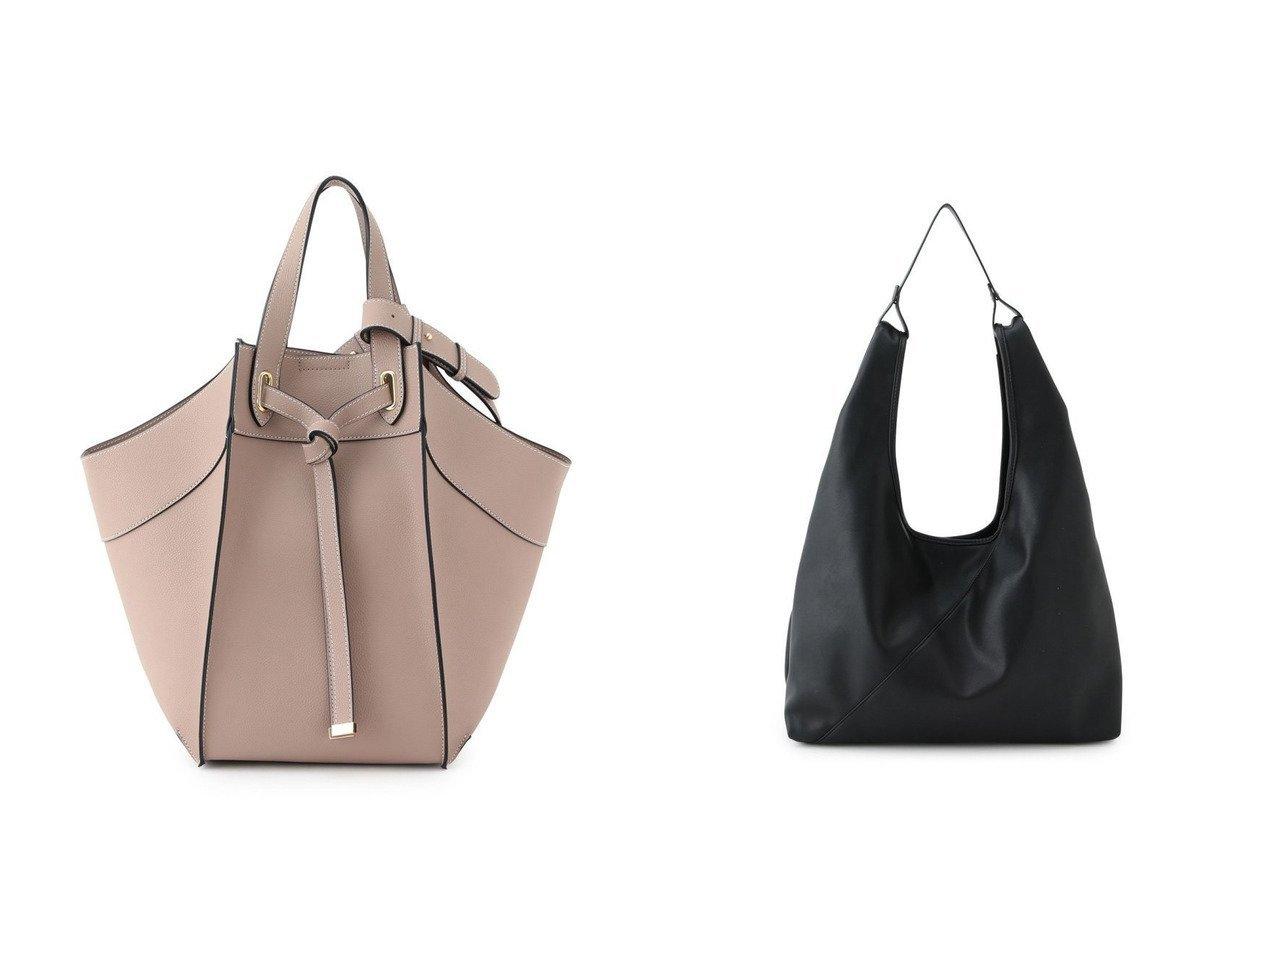 【VIS/ビス】の【マルチWAY】再生合皮切替バッグ&【マルチWAY】Bigフロントタイバッグ バッグ・鞄のおすすめ!人気、トレンド・レディースファッションの通販 おすすめで人気の流行・トレンド、ファッションの通販商品 メンズファッション・キッズファッション・インテリア・家具・レディースファッション・服の通販 founy(ファニー) https://founy.com/ ファッション Fashion レディースファッション WOMEN バッグ Bag NEW・新作・新着・新入荷 New Arrivals ショルダー フロント マグネット シンプル ラップ 切替  ID:crp329100000014485